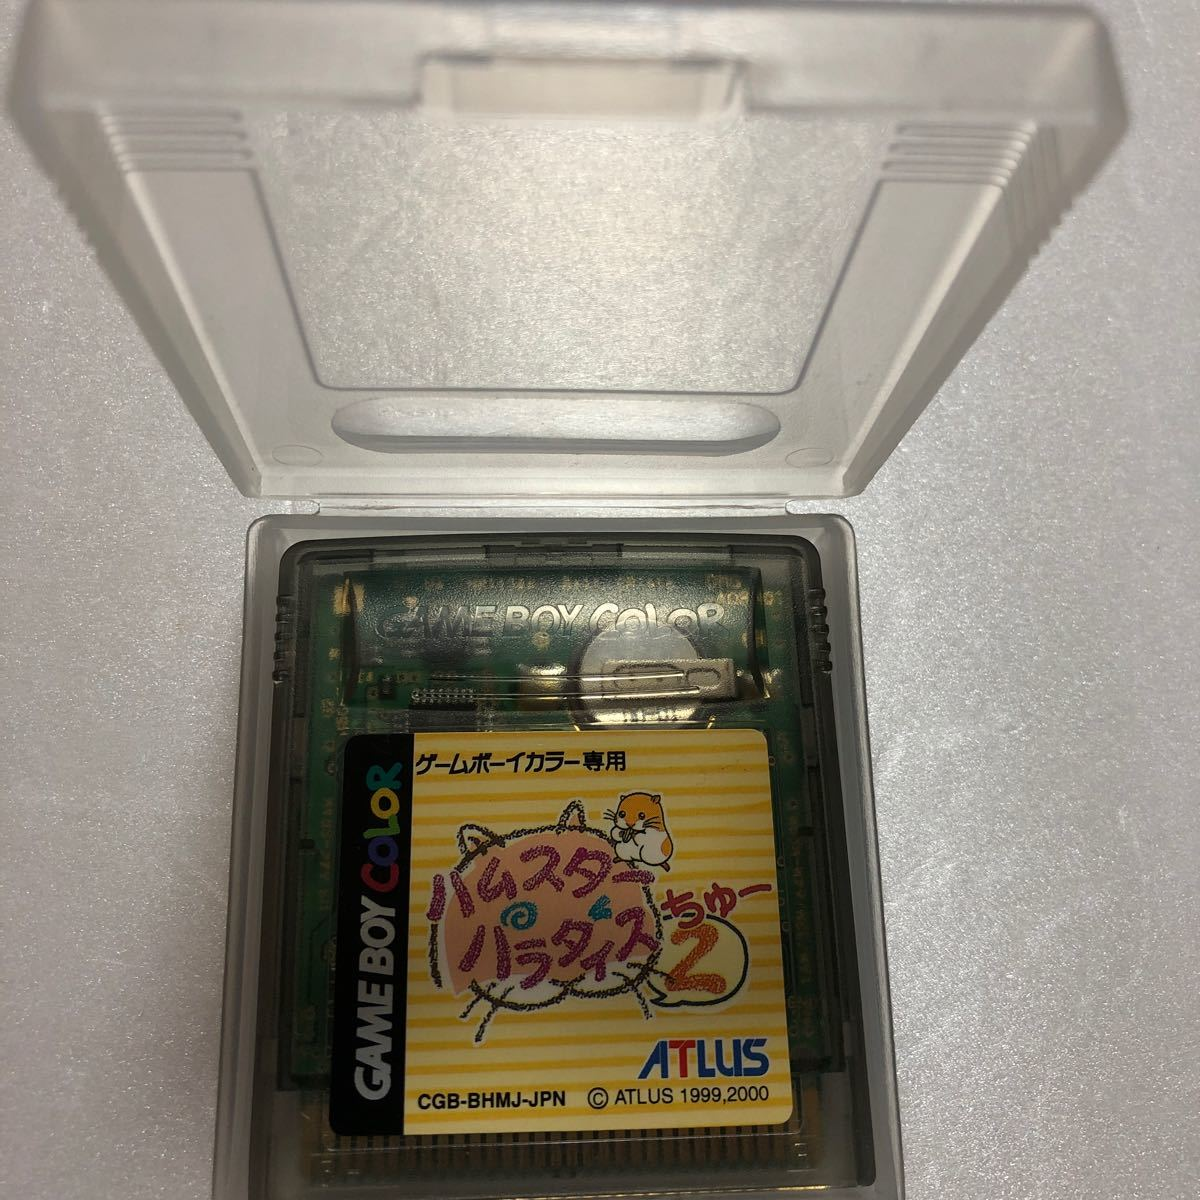 ゲームボーイカラー専用 ハムスターパラダイスちゅー2  ゲームボーイカラー ソフト GBC